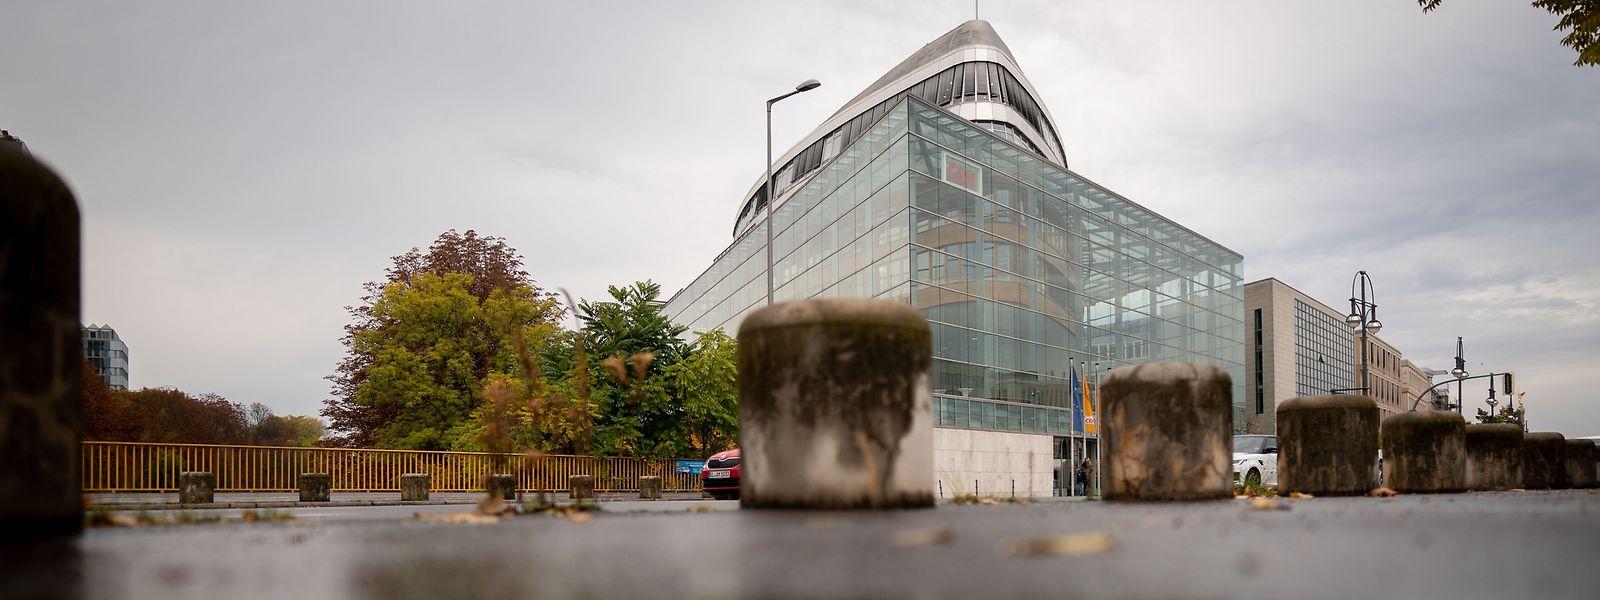 Die Zentrale der CDU, das Konrad-Adenauer-Haus in Berlin.